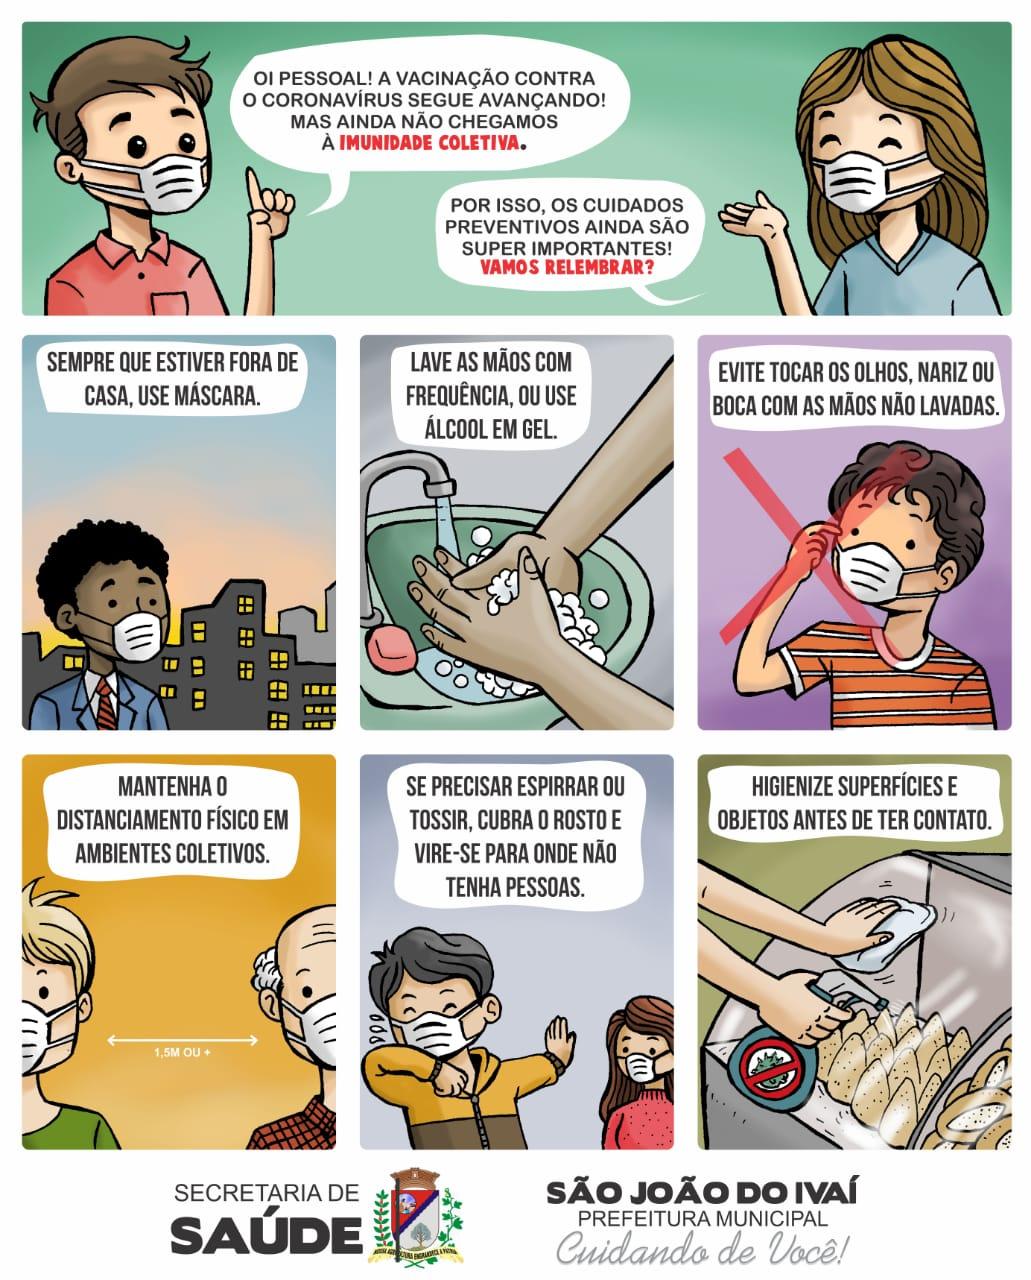 SÃO JOÃO DO IVAÍ - Combate ao Coronavirus